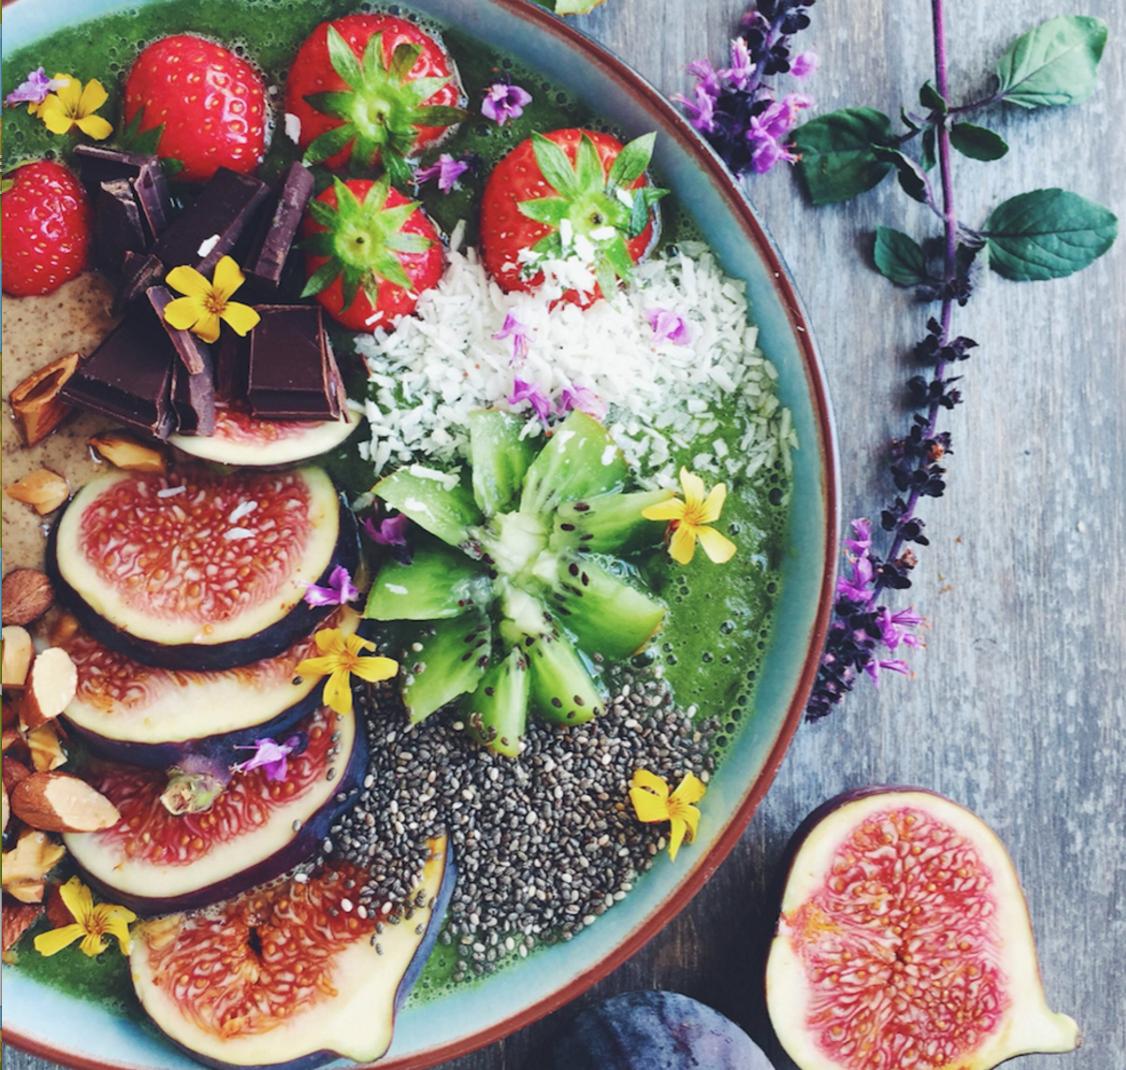 Morgenmad med grøn smoothie, kiwi, figner, jordbær, chokolade, chia og mandelsmør